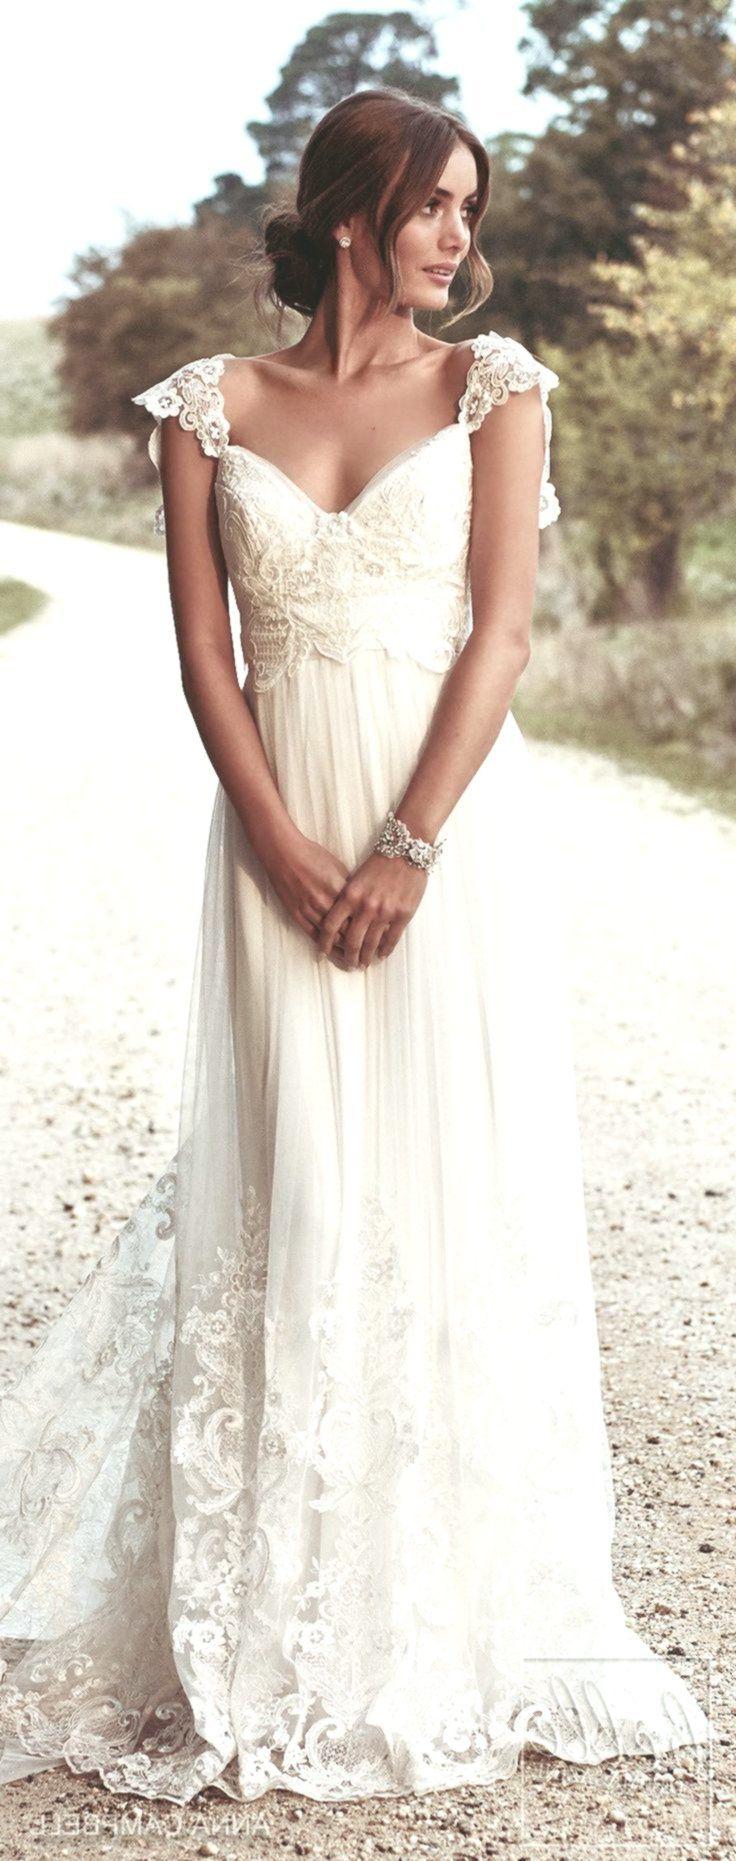 Brautkleider von Anna Campbell 11 Eternal Heart Collection